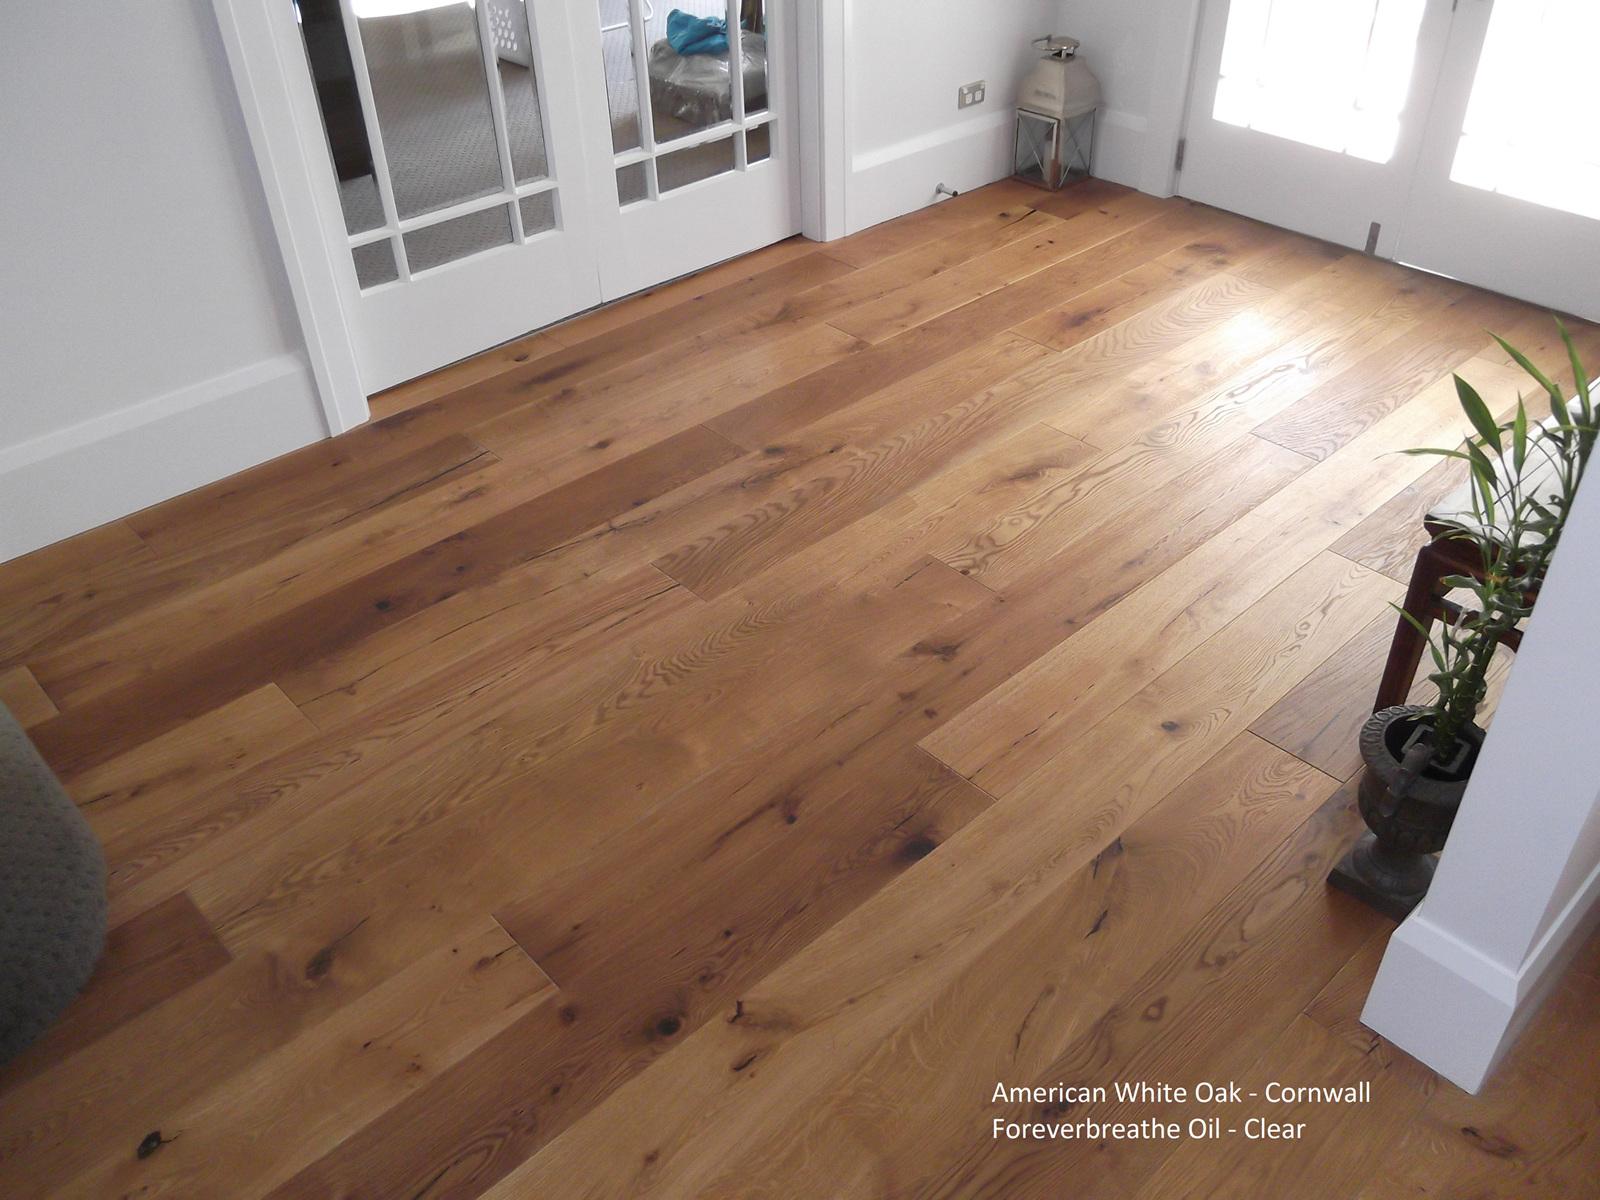 Foreverbreathe clear coat resin oil finishing kit for Flooring america